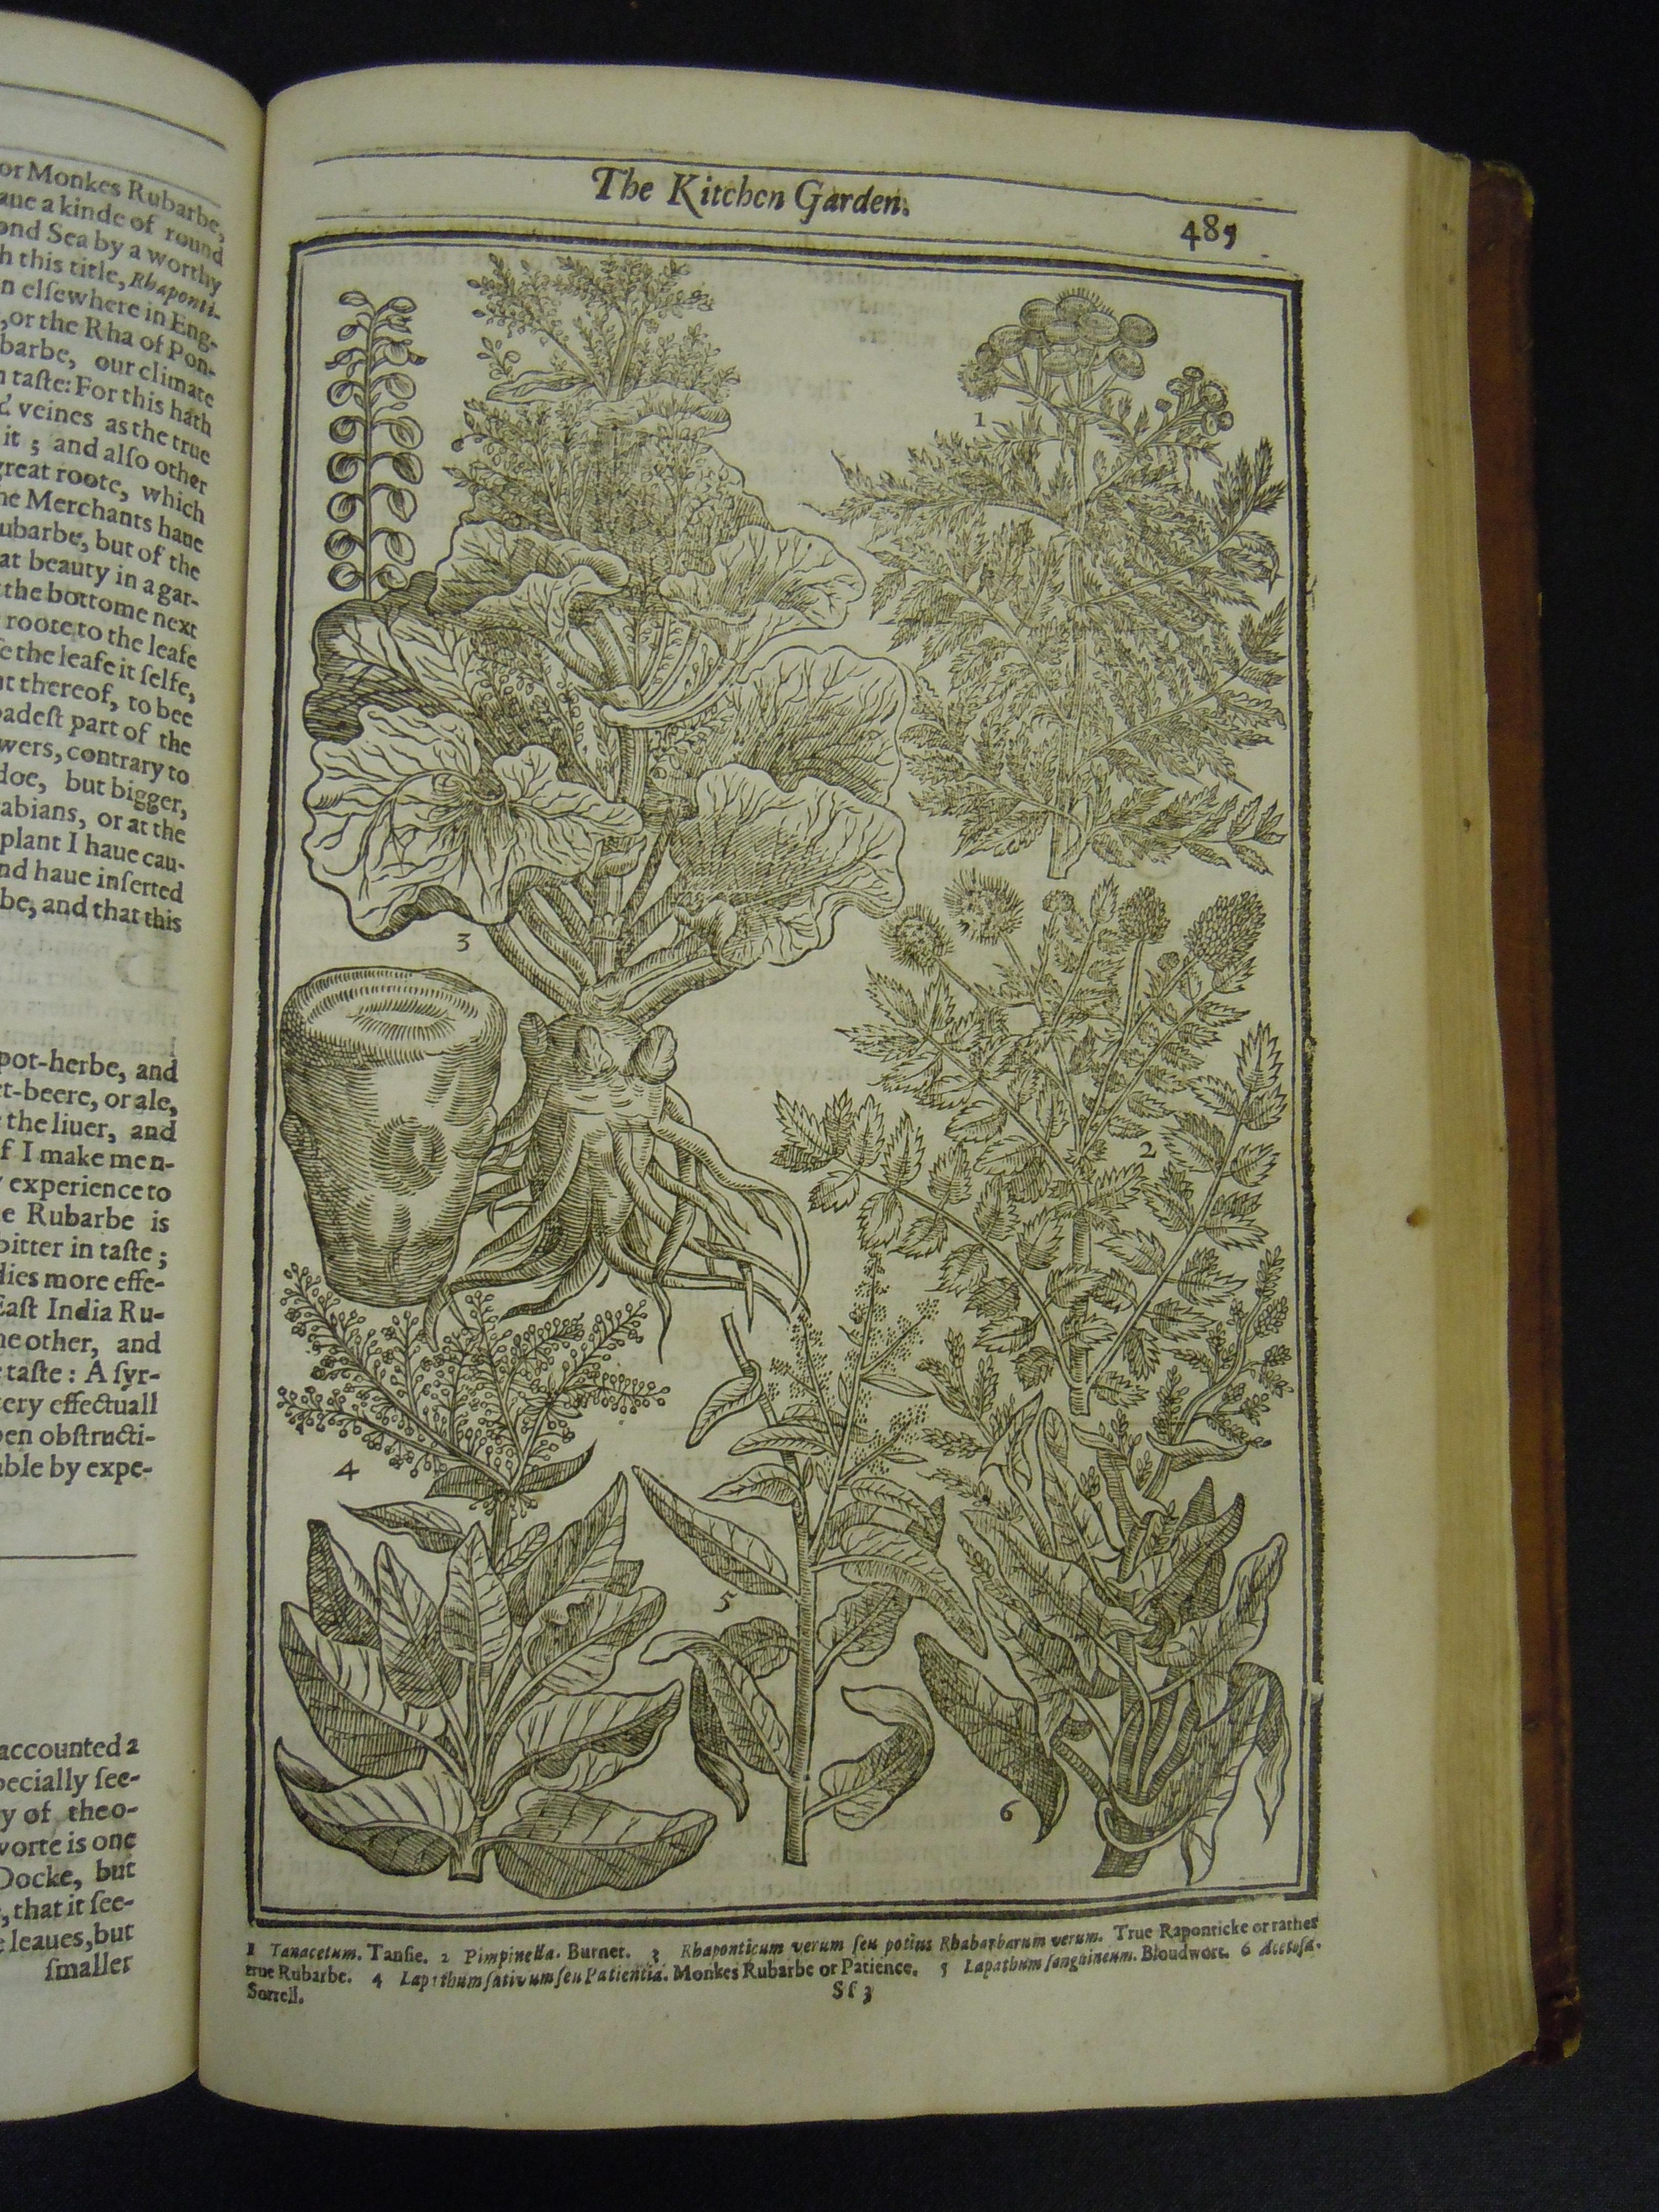 BT1.31.13, p.485, John Parkinson's Paradisi in sole paradisus terrestris, 1629